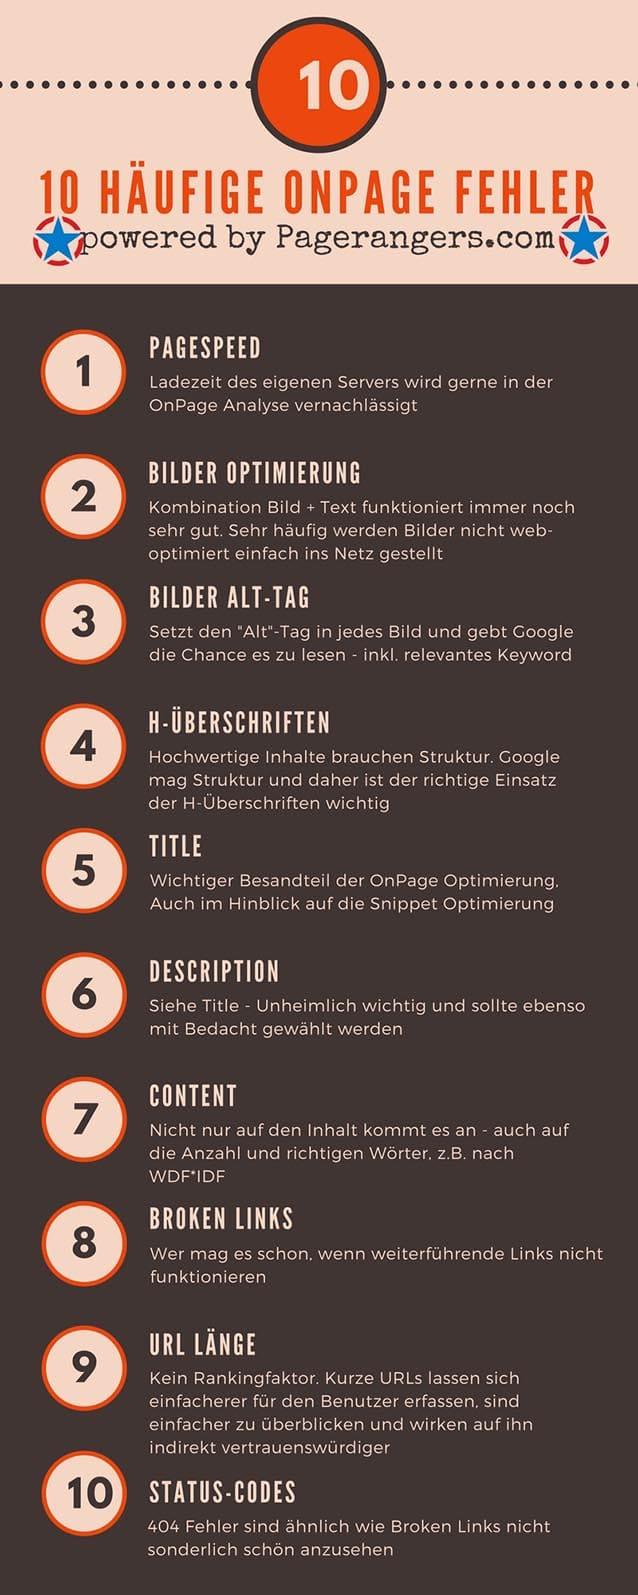 10 häufige OnPage Fehler